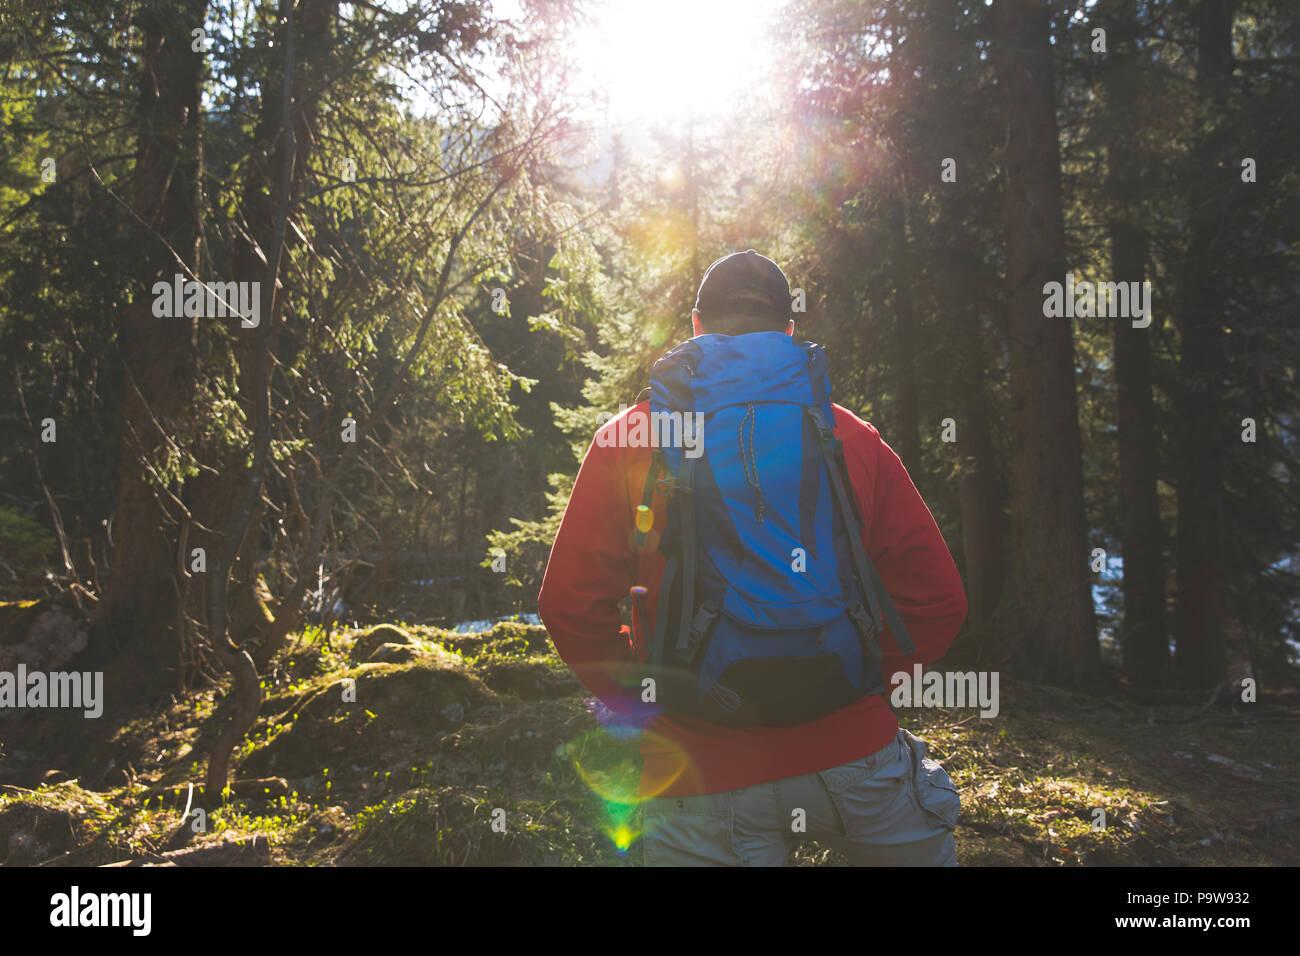 Homme randonnée avec sac à dos bleu et rouge pour homme dans la forêt Photo Stock